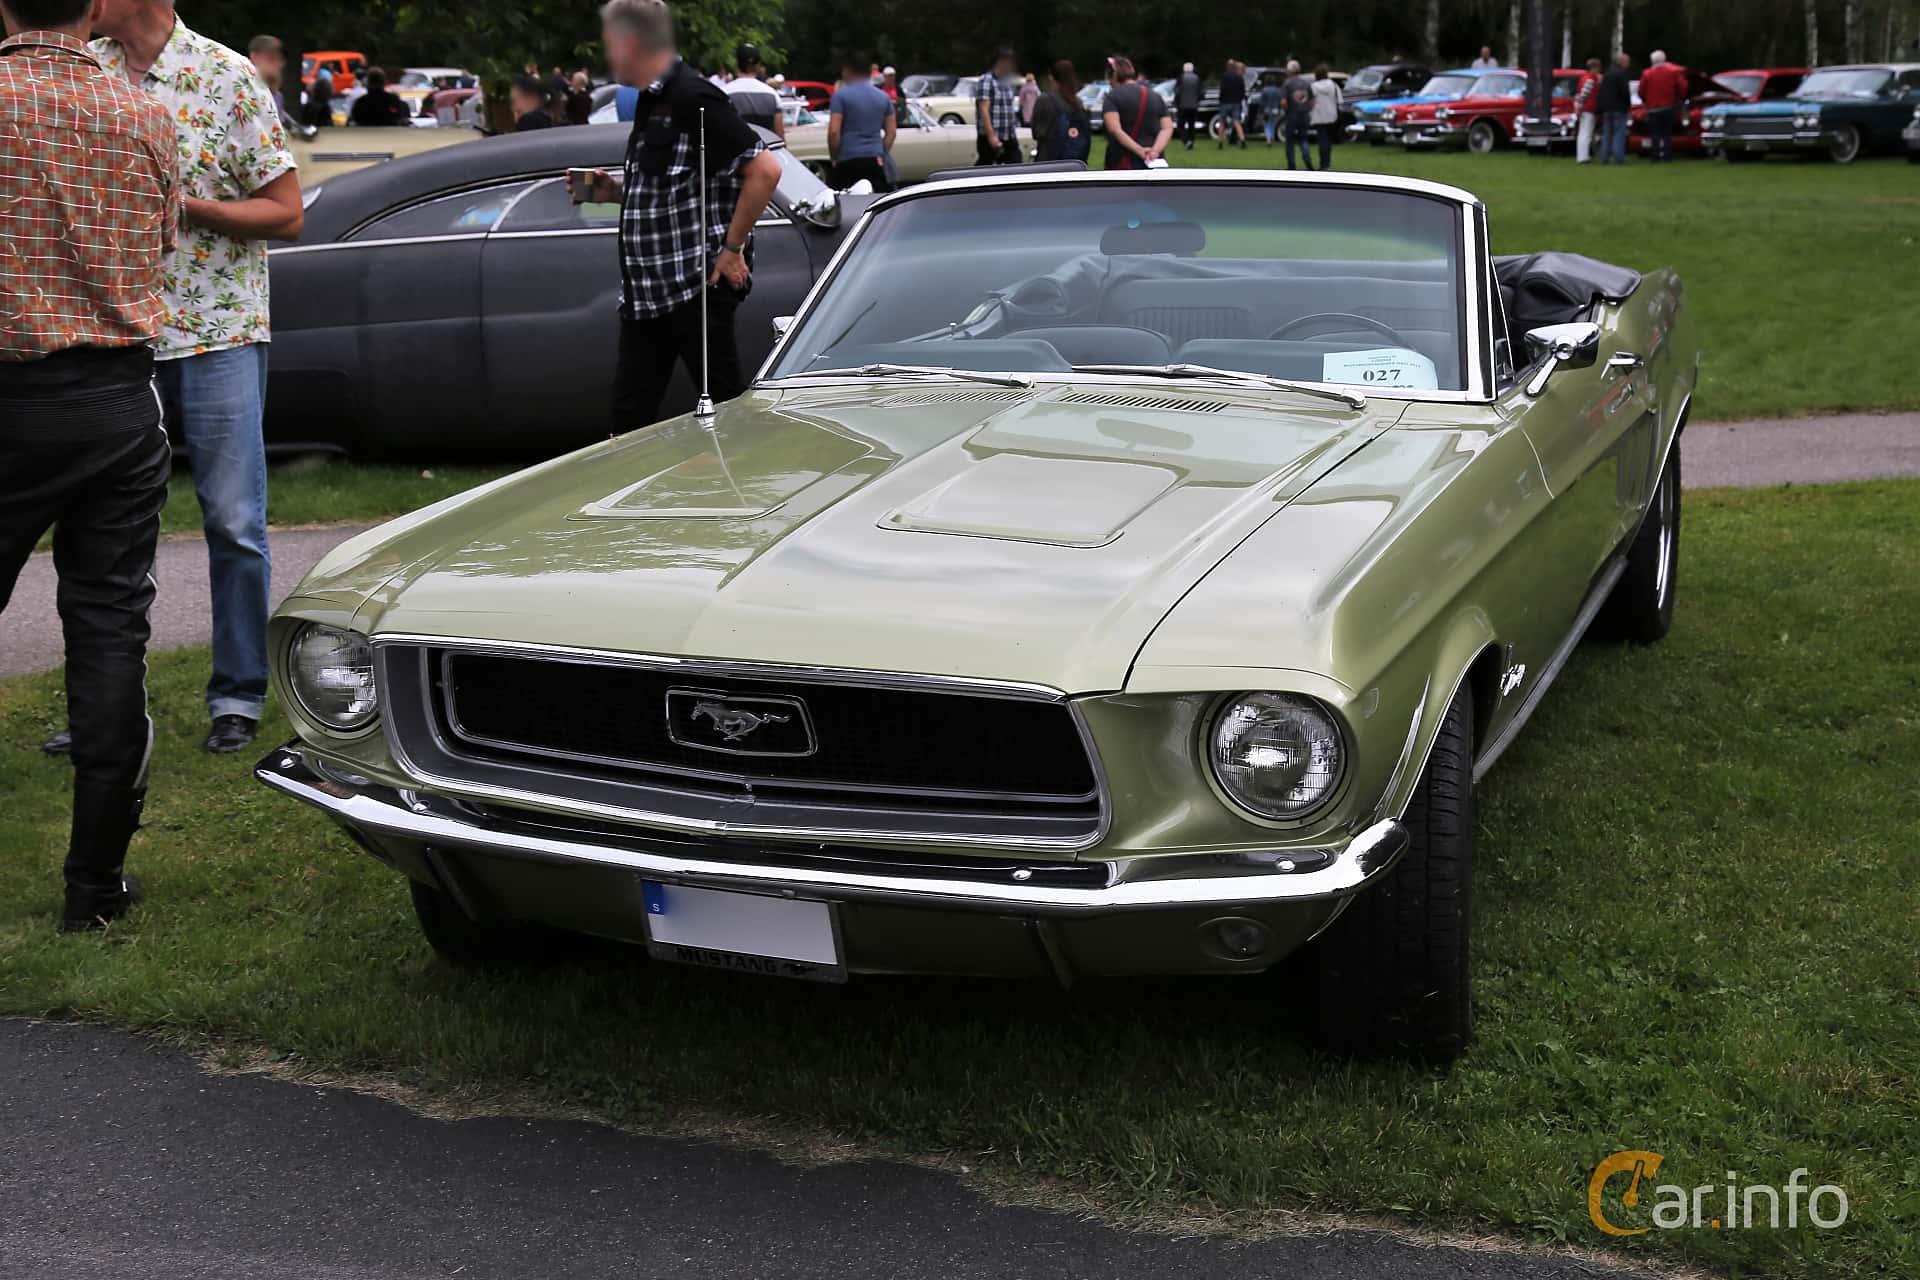 Ford Mustang Convertible 4.7 V8 Automatic, 198hp, 1968 at Lödöse motornostalgiska dag 2019